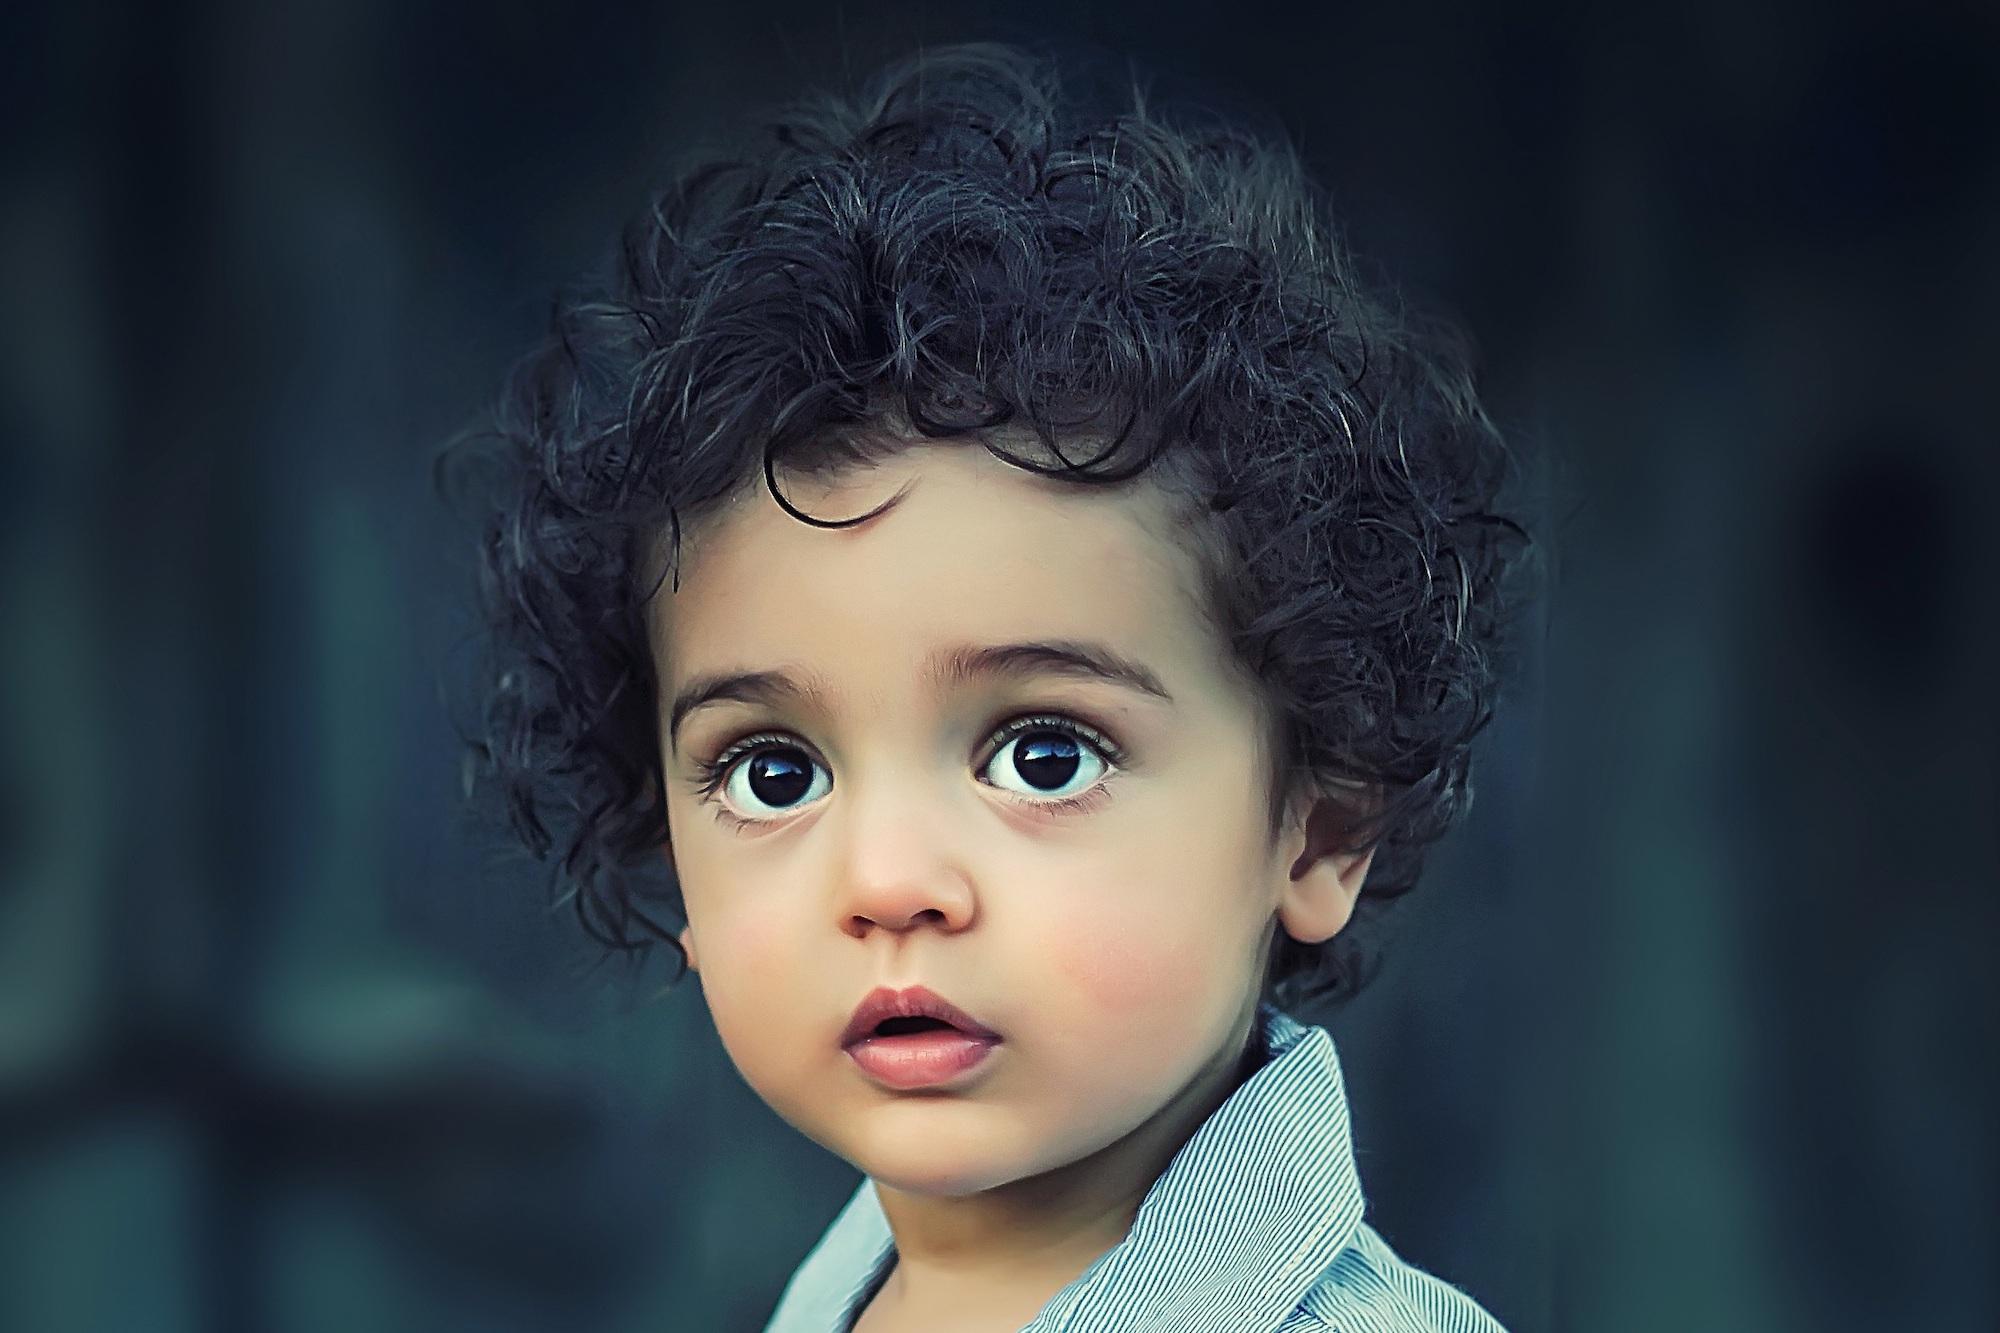 Enquête sociale en vue de kafala - recueil international d'enfant Maroc Algérie France - petit garçon - Cabinet Social, Stéphanie LADEL